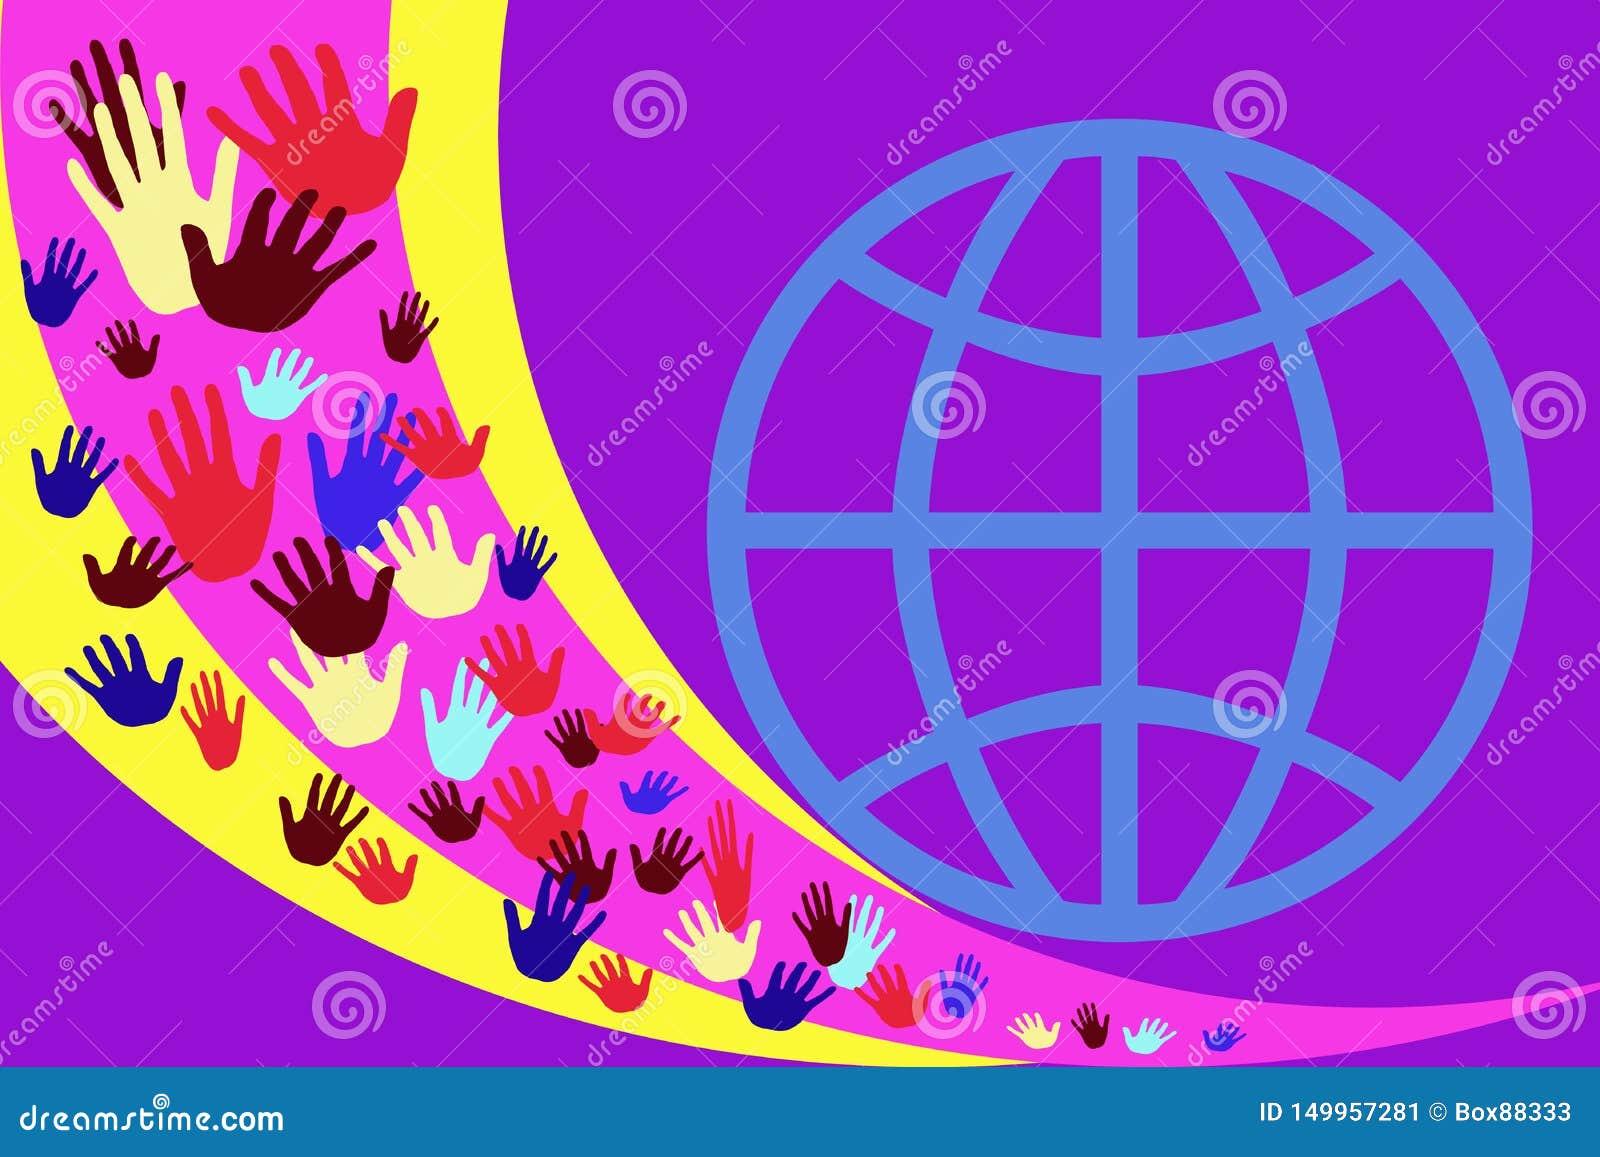 Абстрактное изображение с пестроткаными руками на предпосылке желтых и пурпурных нашивок